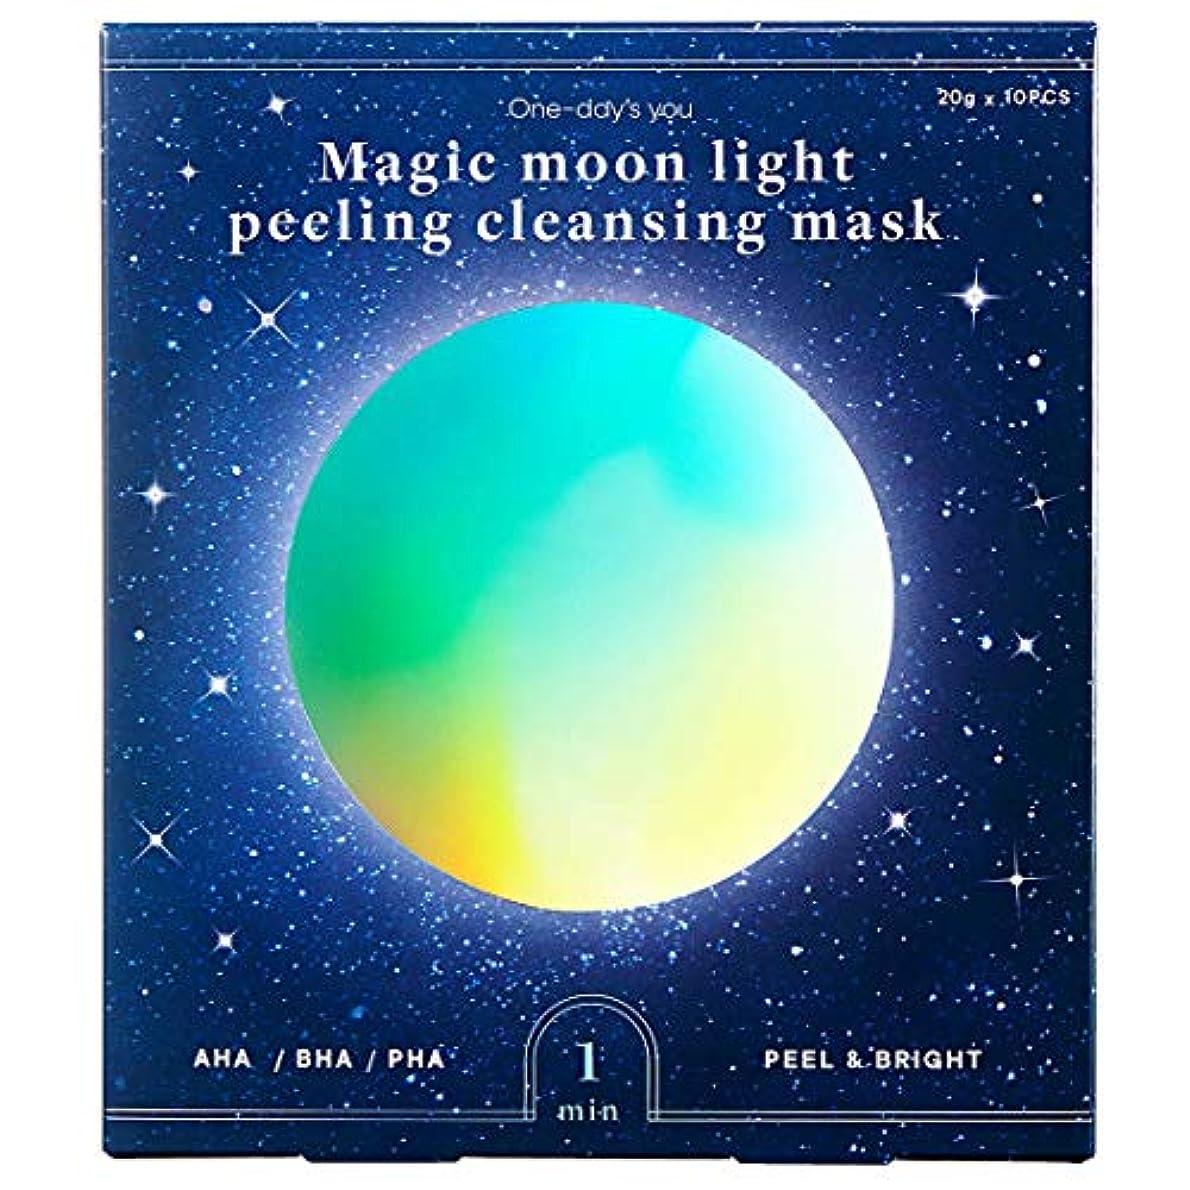 政治家の戦闘意義One day's you [ワンデイズユー ] マジック ムーンライト ピーリング クレンジング マスク/Magic Moonlight Peeling Cleansing Mask (20g*10ea) [並行輸入品]